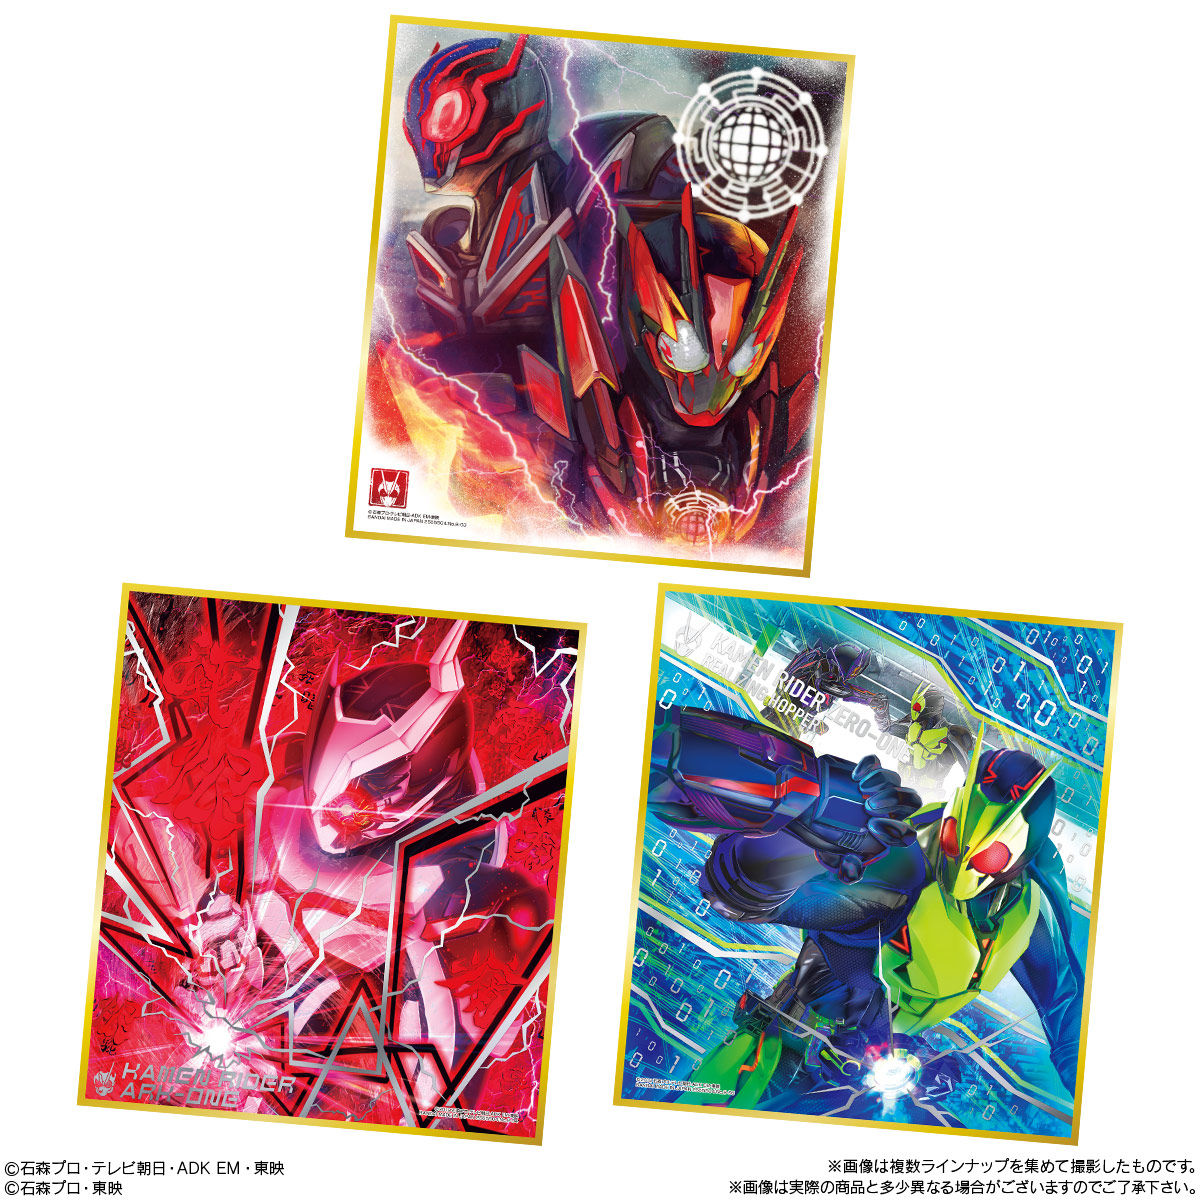 【食玩】『仮面ライダー 色紙ART8』10個入りBOX-003